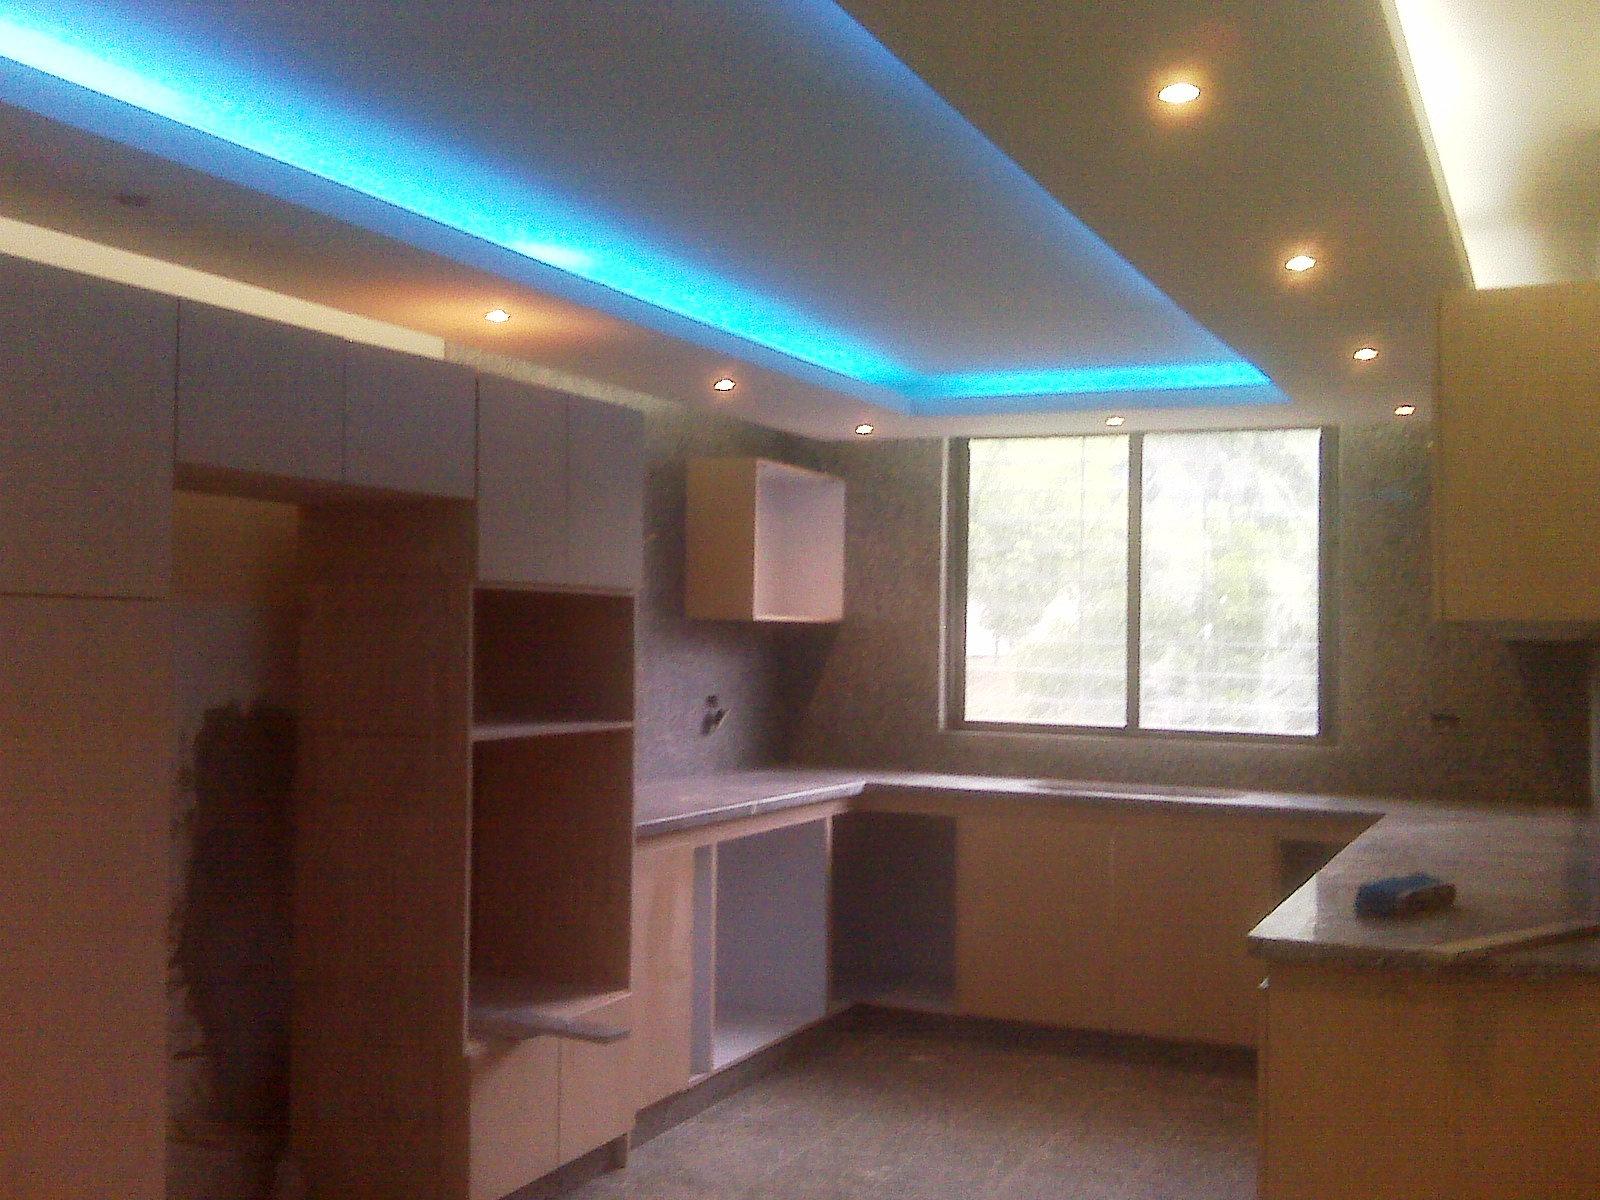 Instalaci n de drywall en caracas drywall venezuela for Plafones de techo y pared